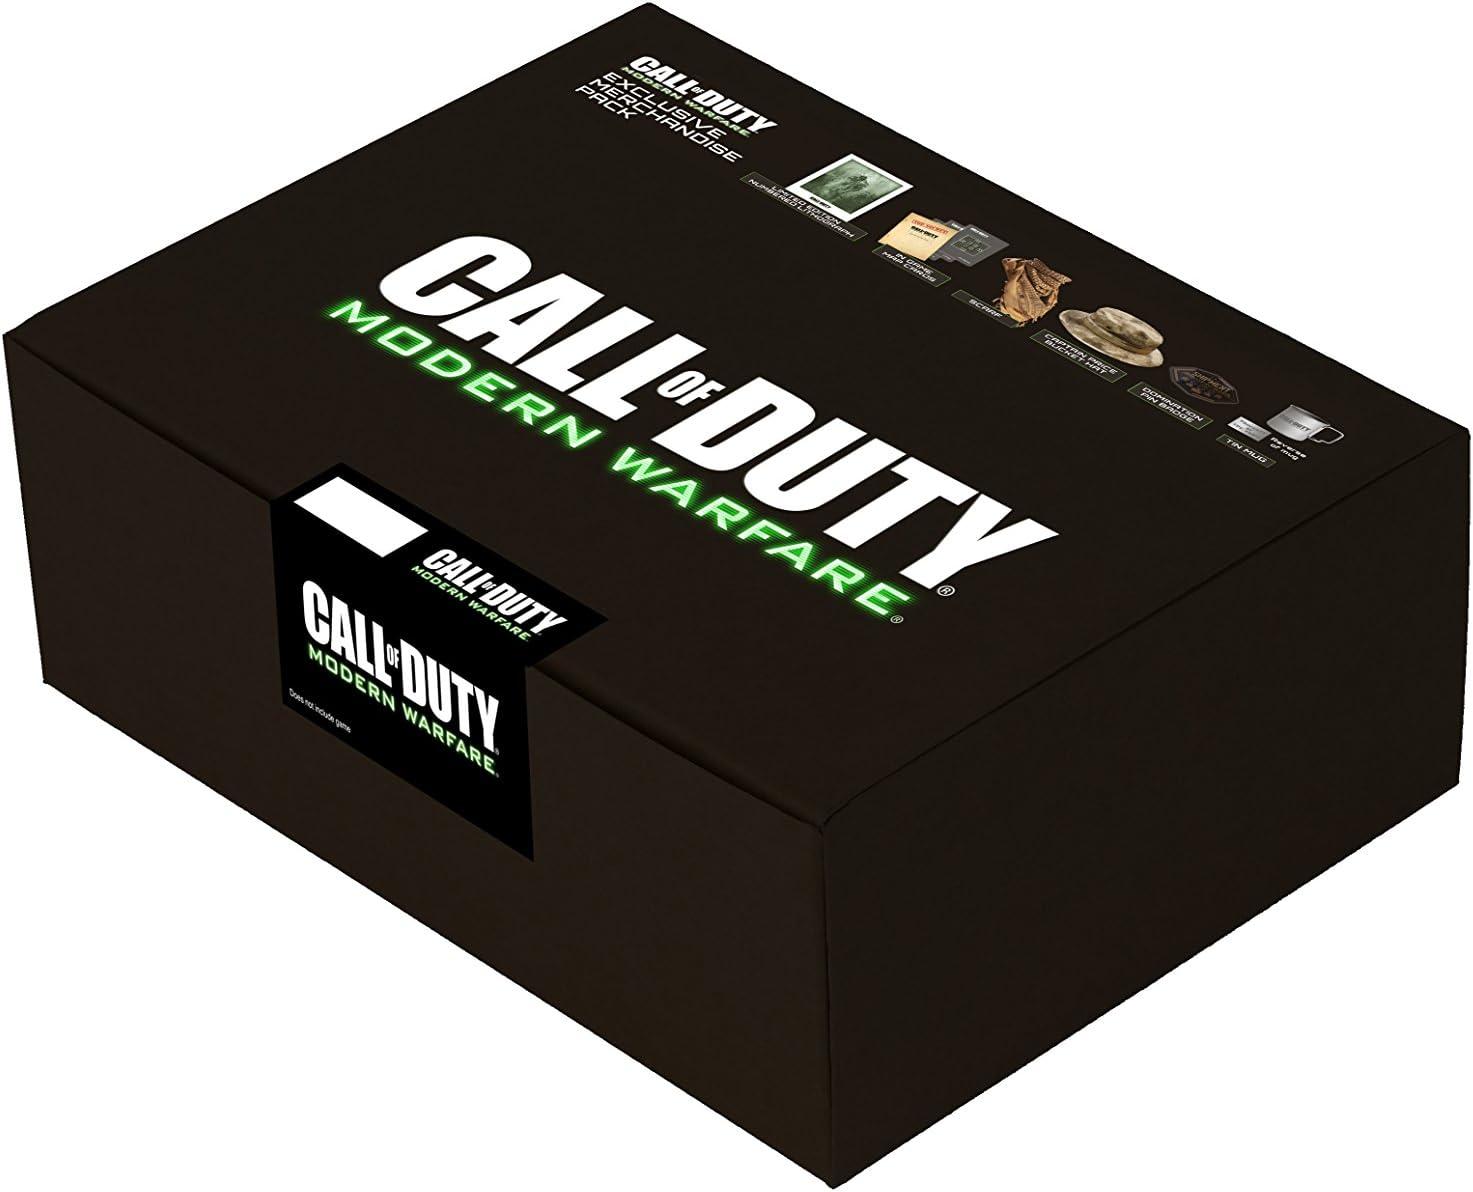 Call Of Duty Modern Warfare Huge Crate - Scarf (Xbox One/PS4) [Importación Inglesa]: Amazon.es: Videojuegos